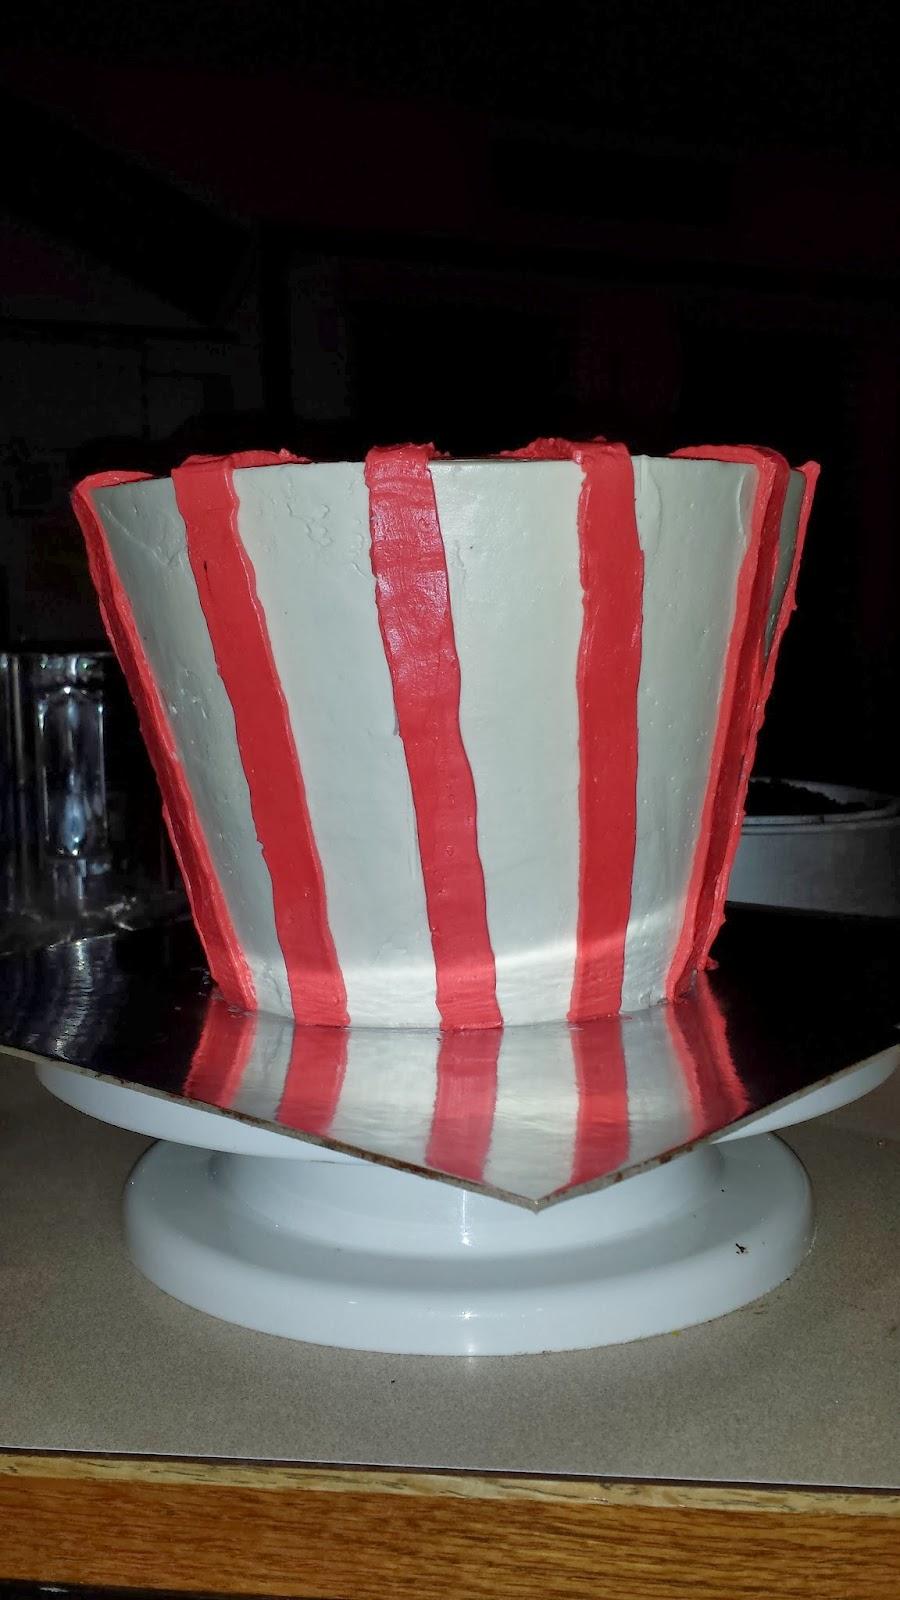 Cakes for Heavens Sake: Movie Themed Birthday Cake ...